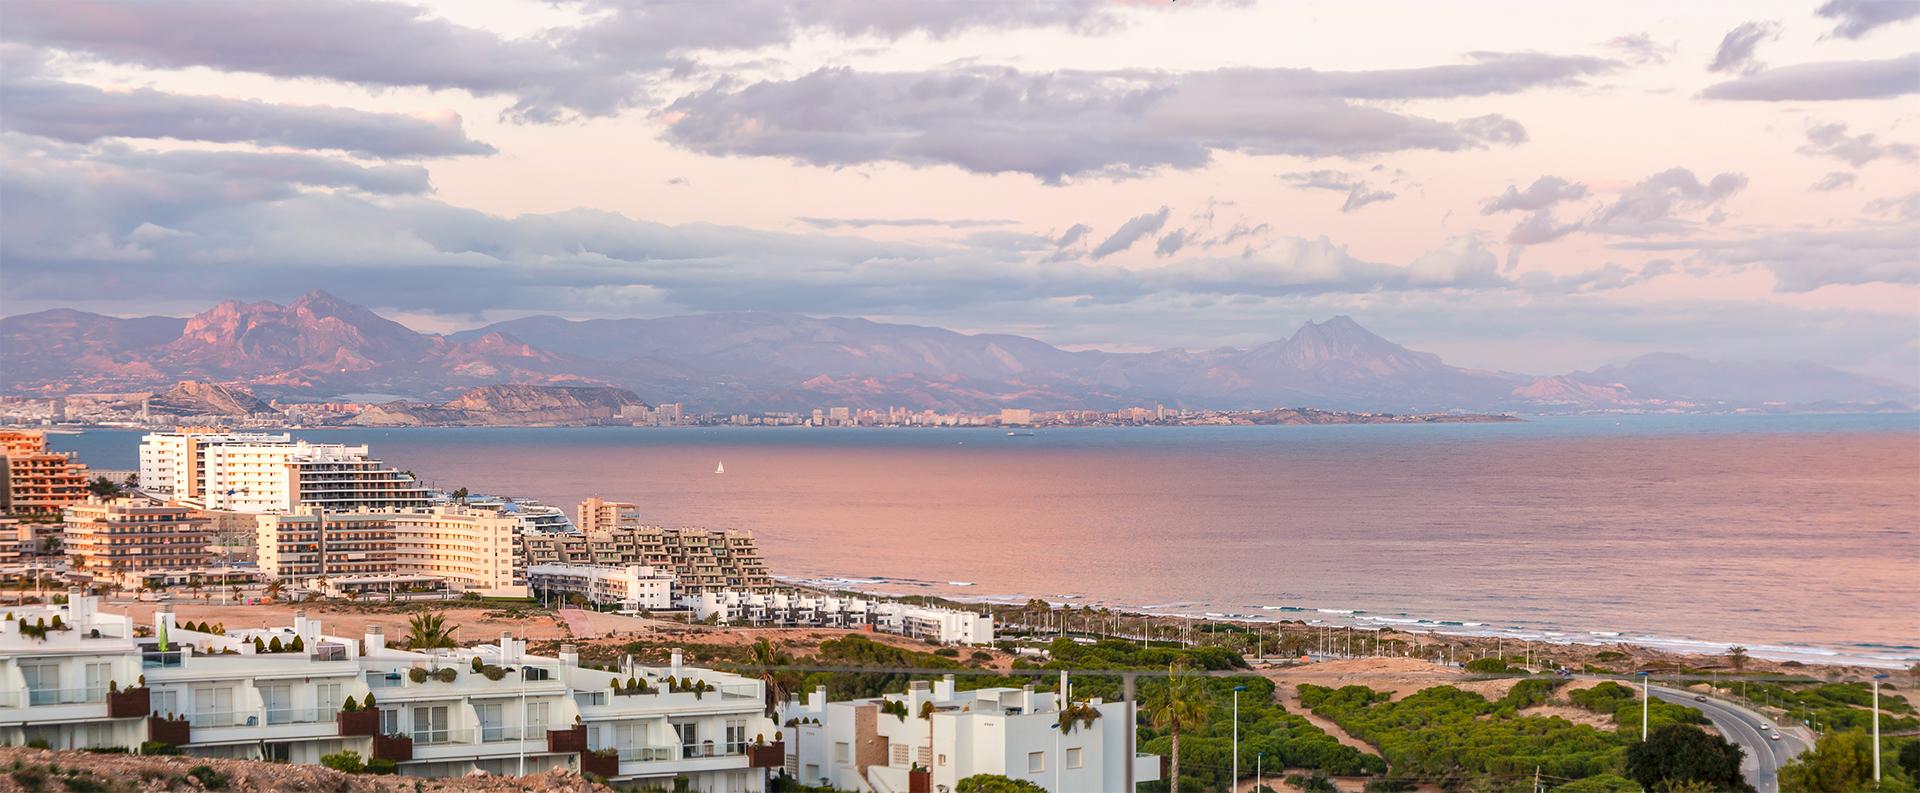 Widok z apartamentu REF00236 w Gran Alacant.